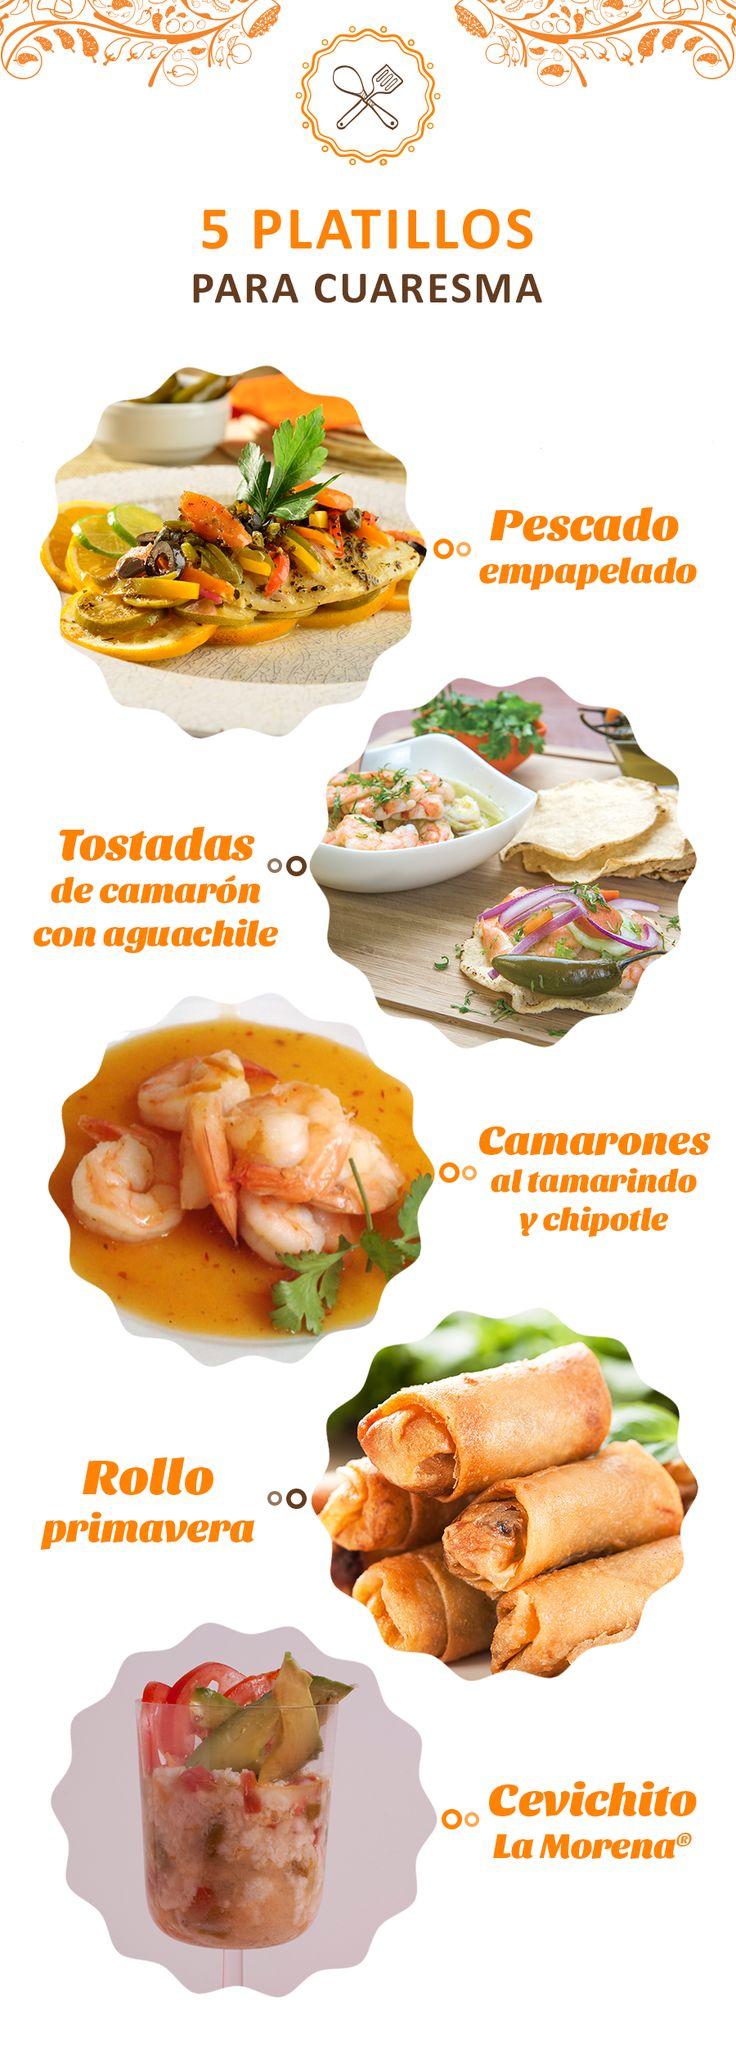 ¿Sin ideas para cuaresma? Prepara estos 5 platillos con la sazón de La Morena: http://bit.ly/2cqmEMu